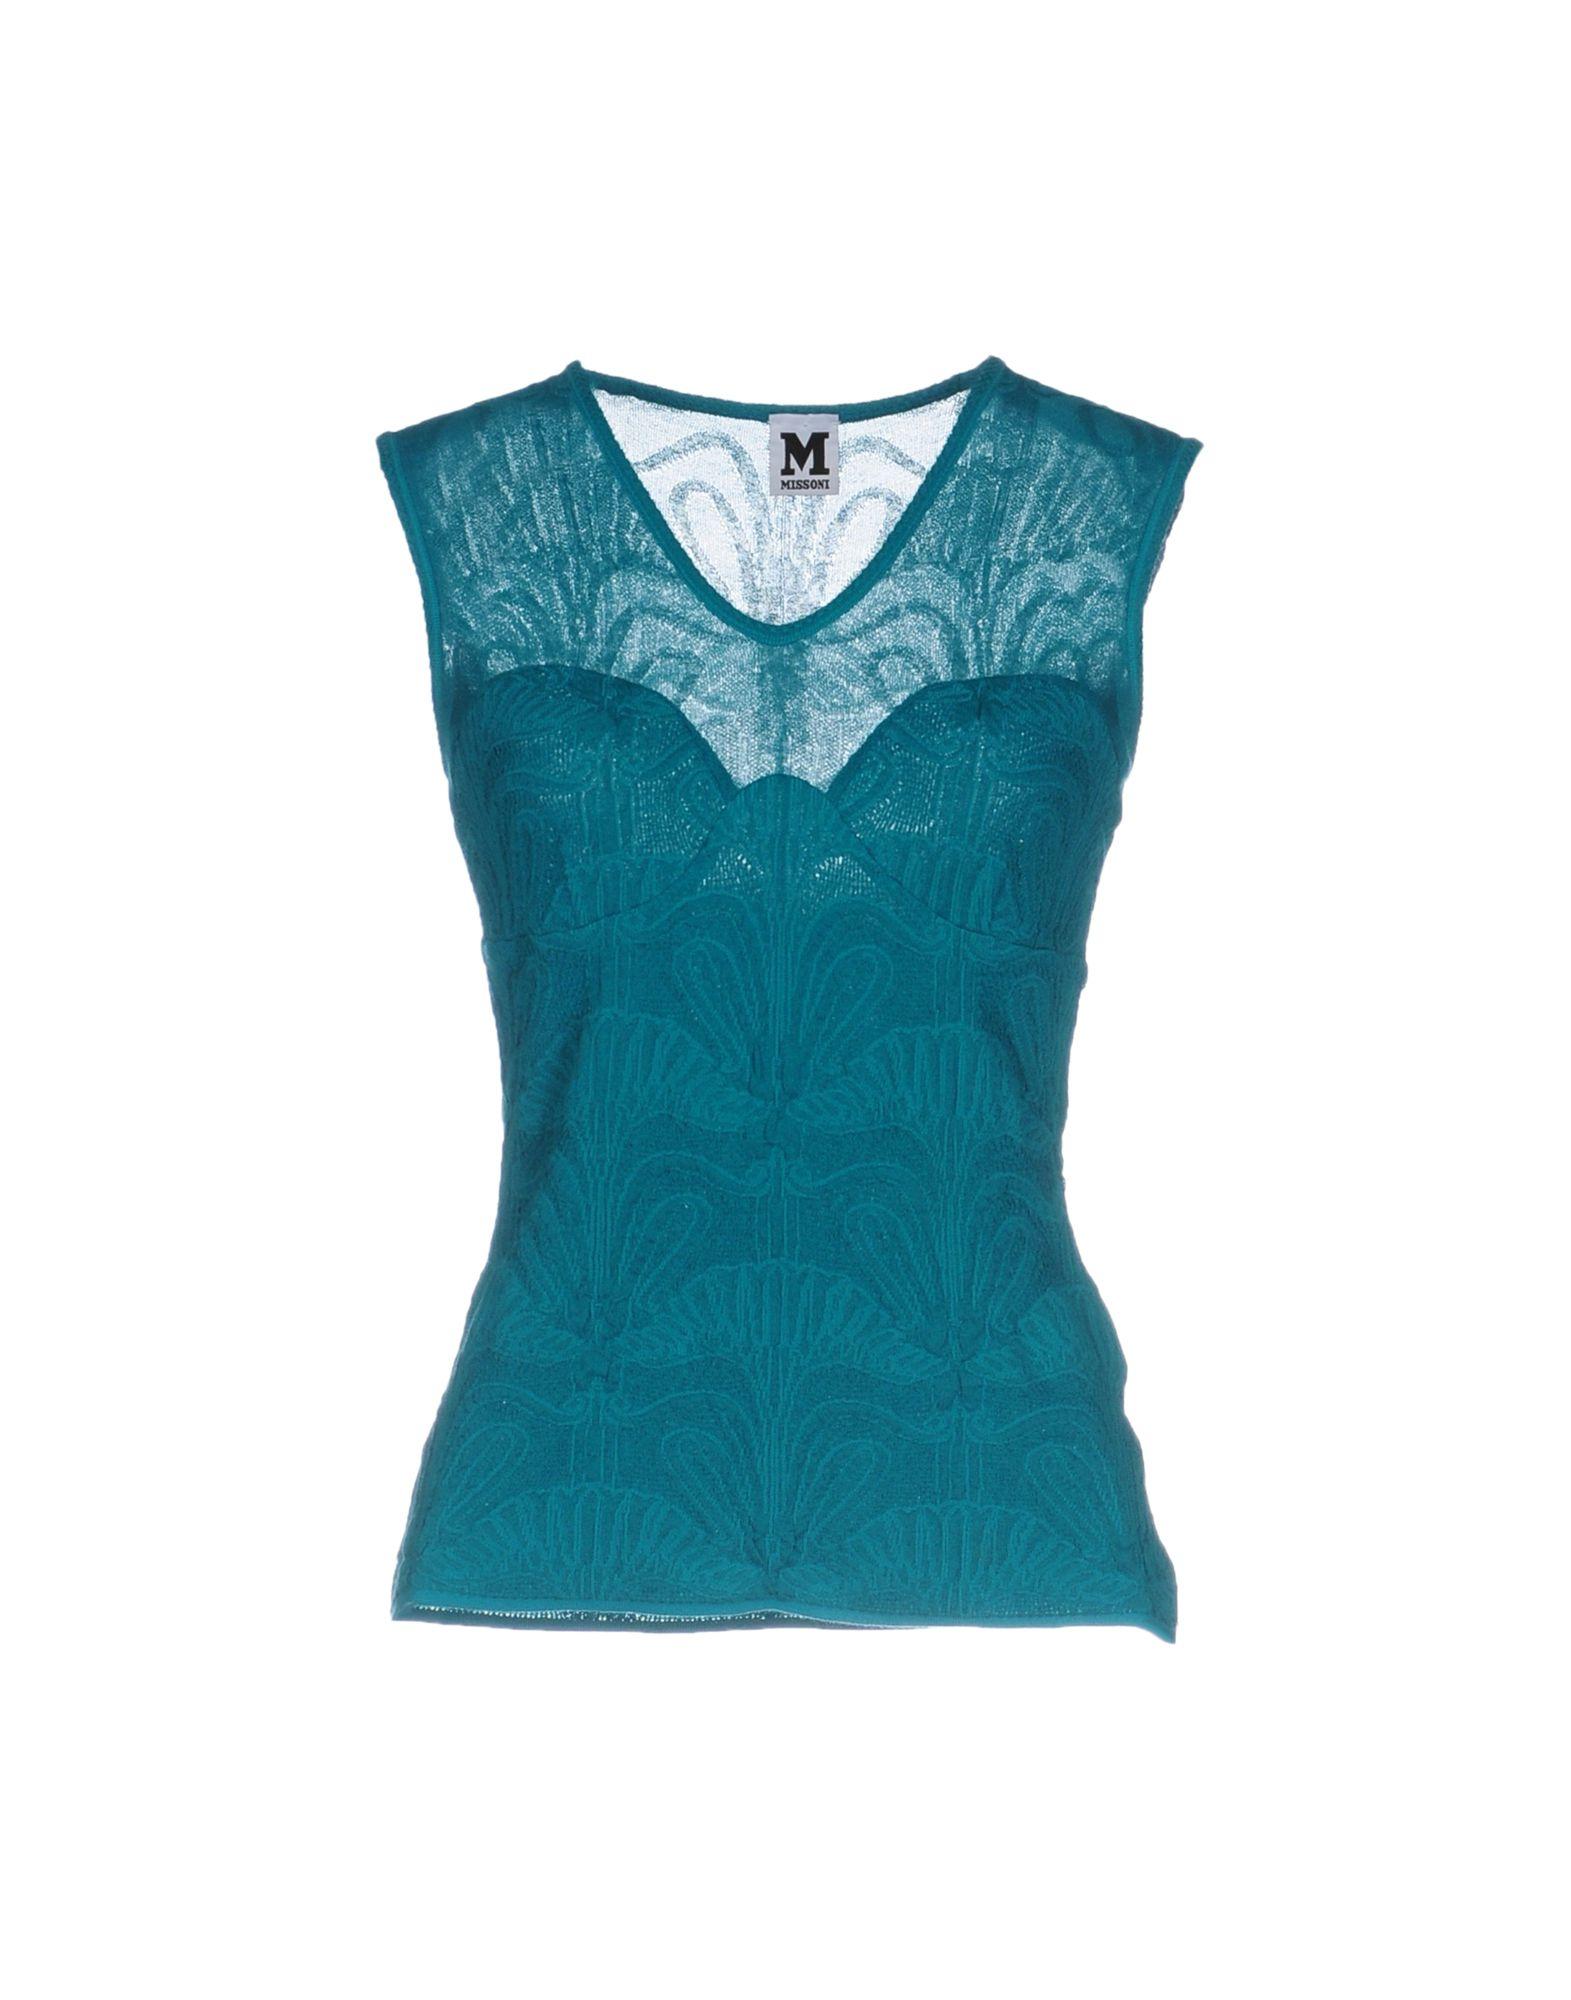 Pullover M Missoni Donna - Acquista online su VJhozSZ3Um